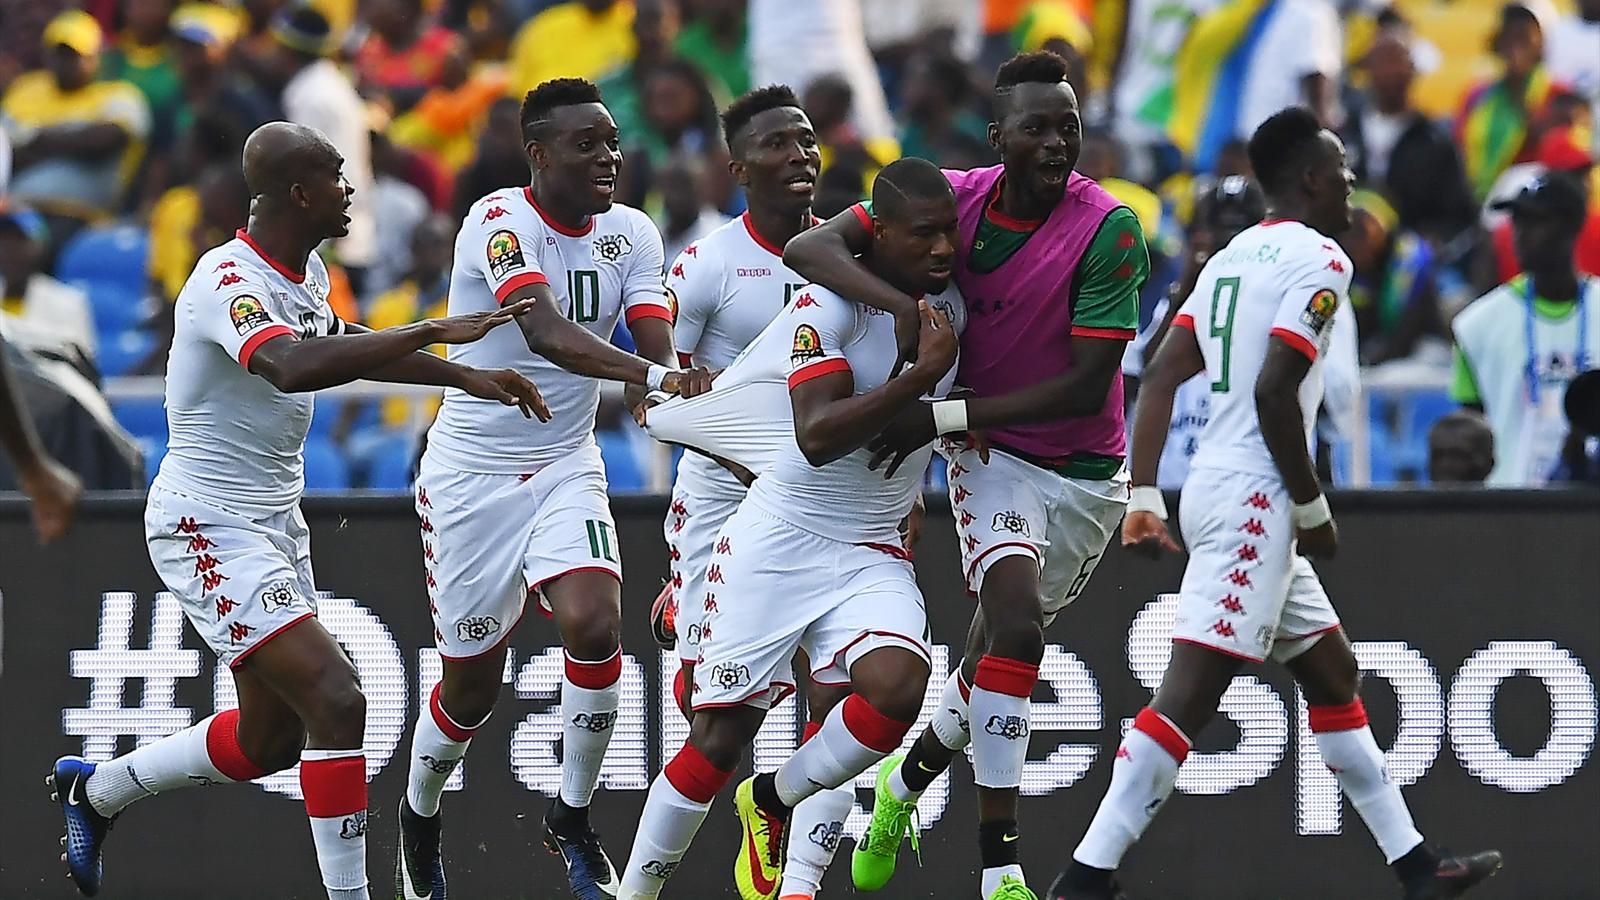 En direct live burkina faso gypte coupe d 39 afrique des nations 1 f vrier 2017 eurosport - Resultat foot coupe d afrique ...